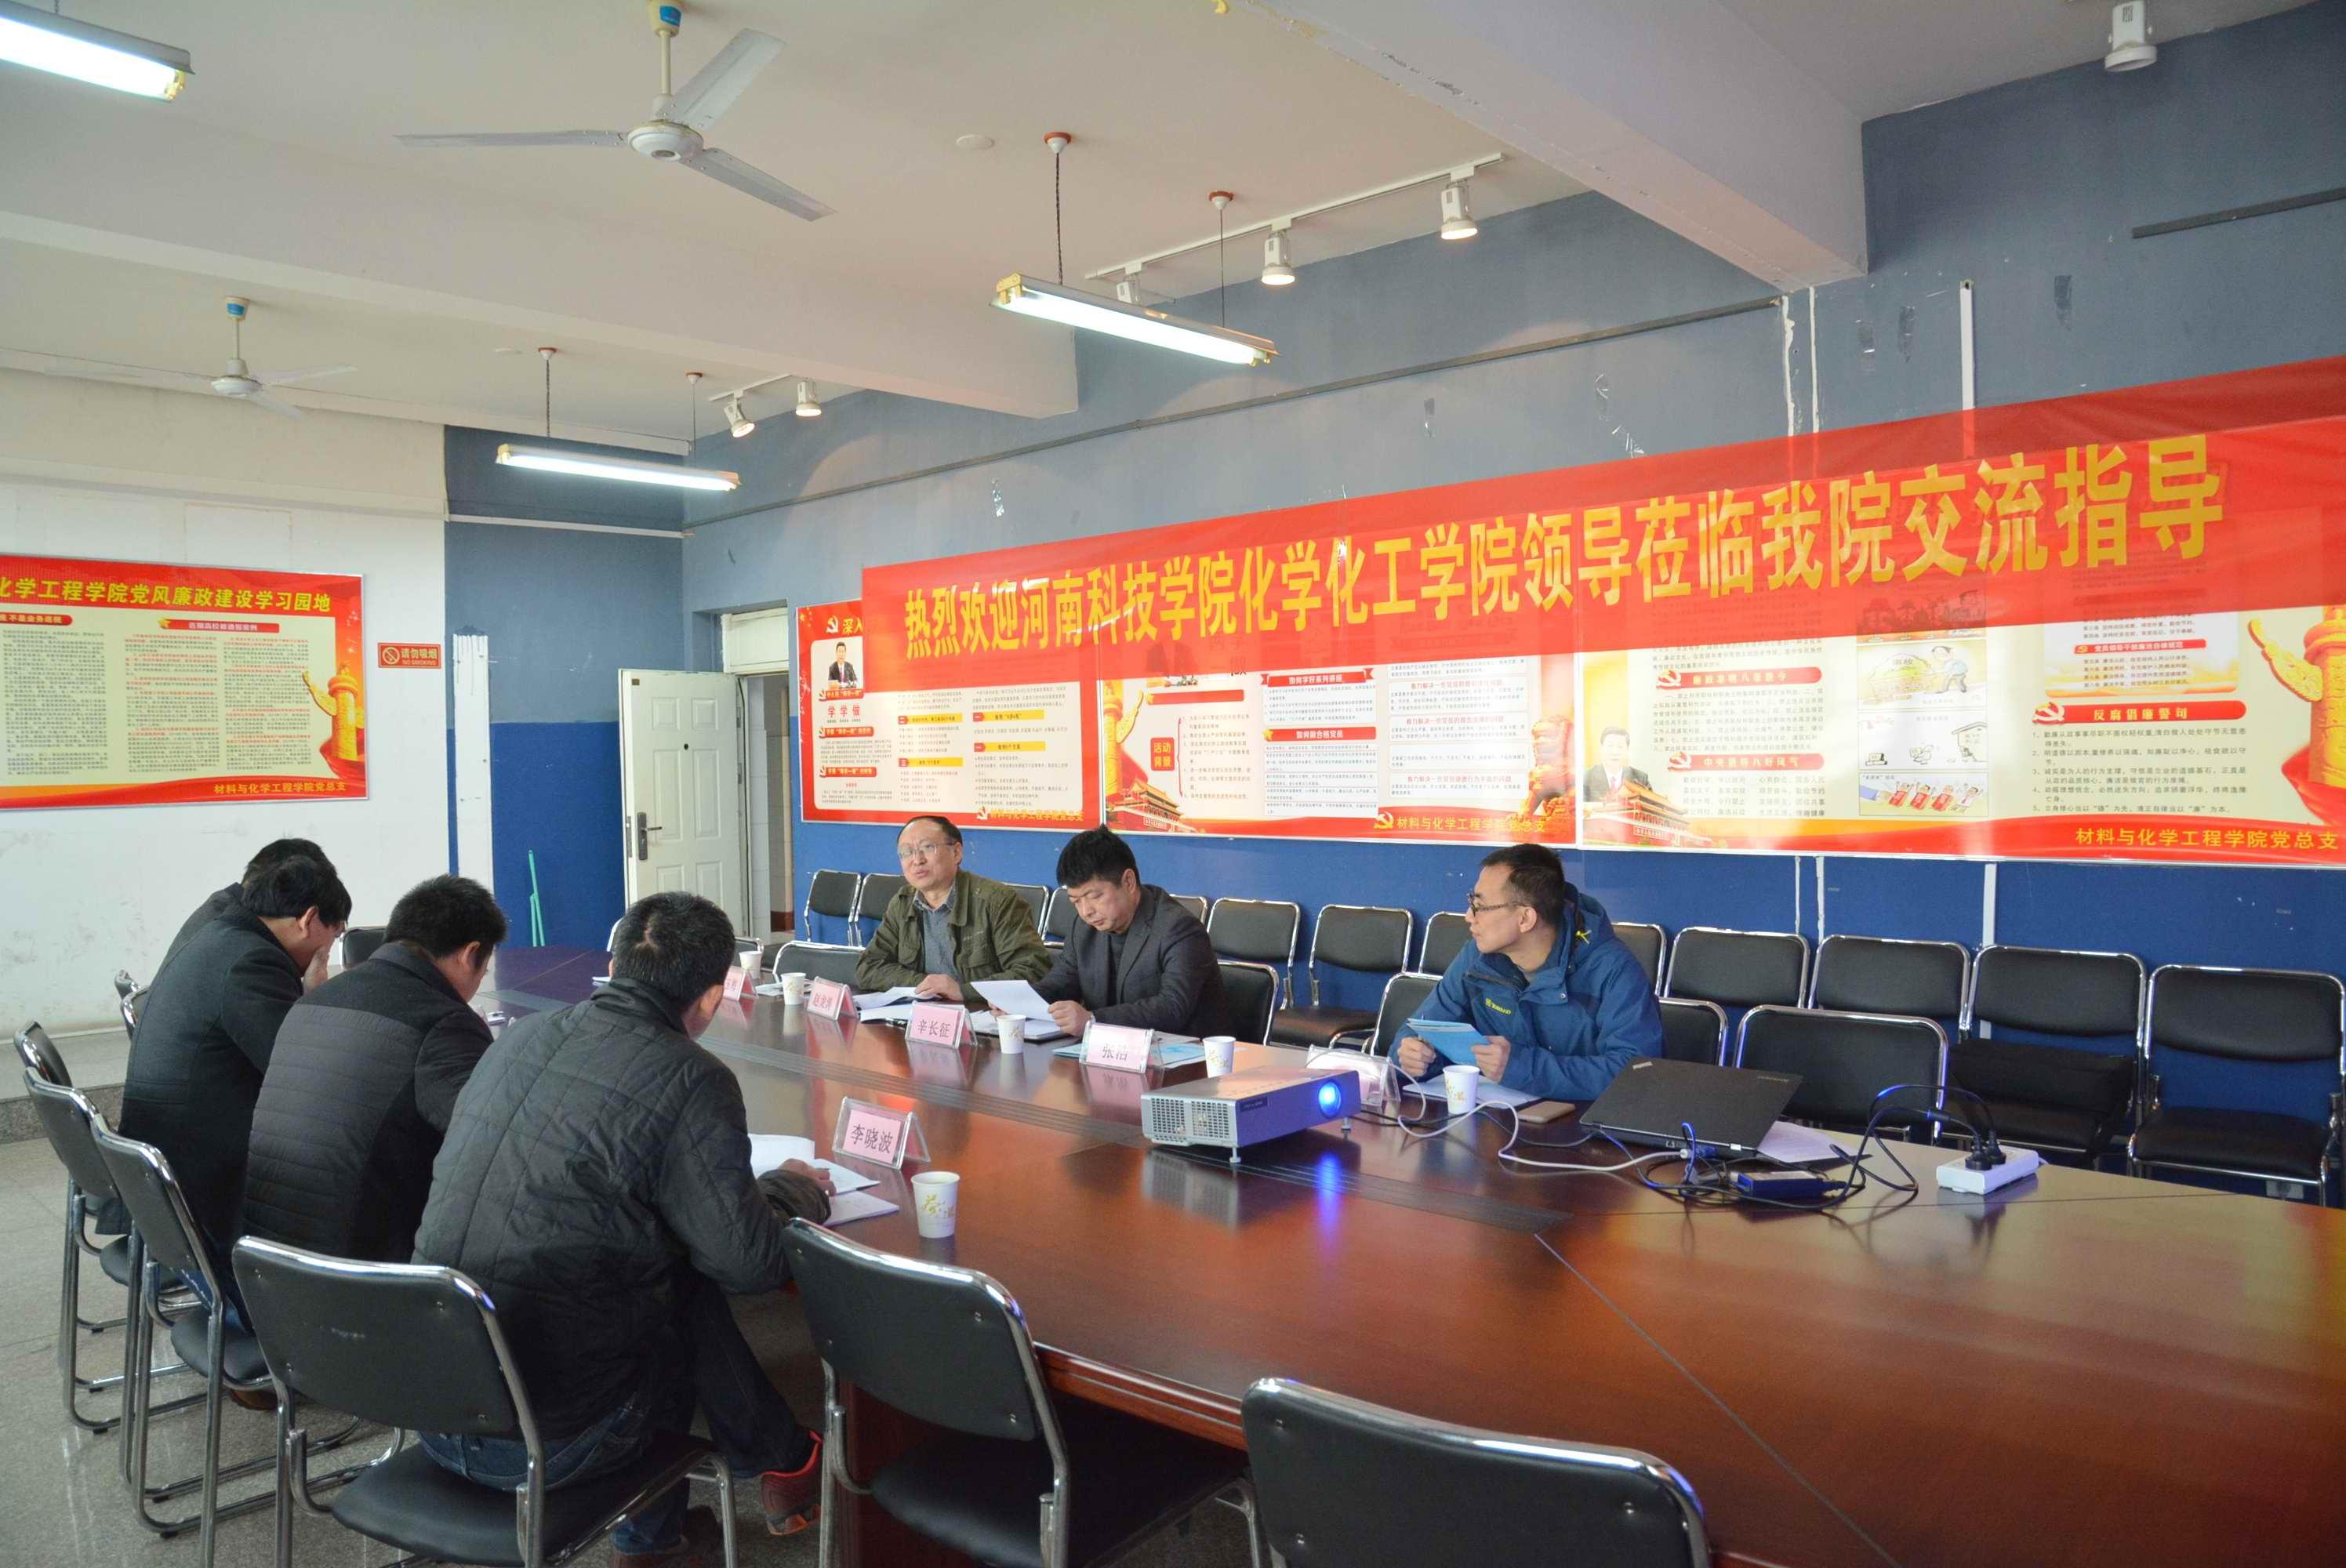 湖南大学化学化工学院